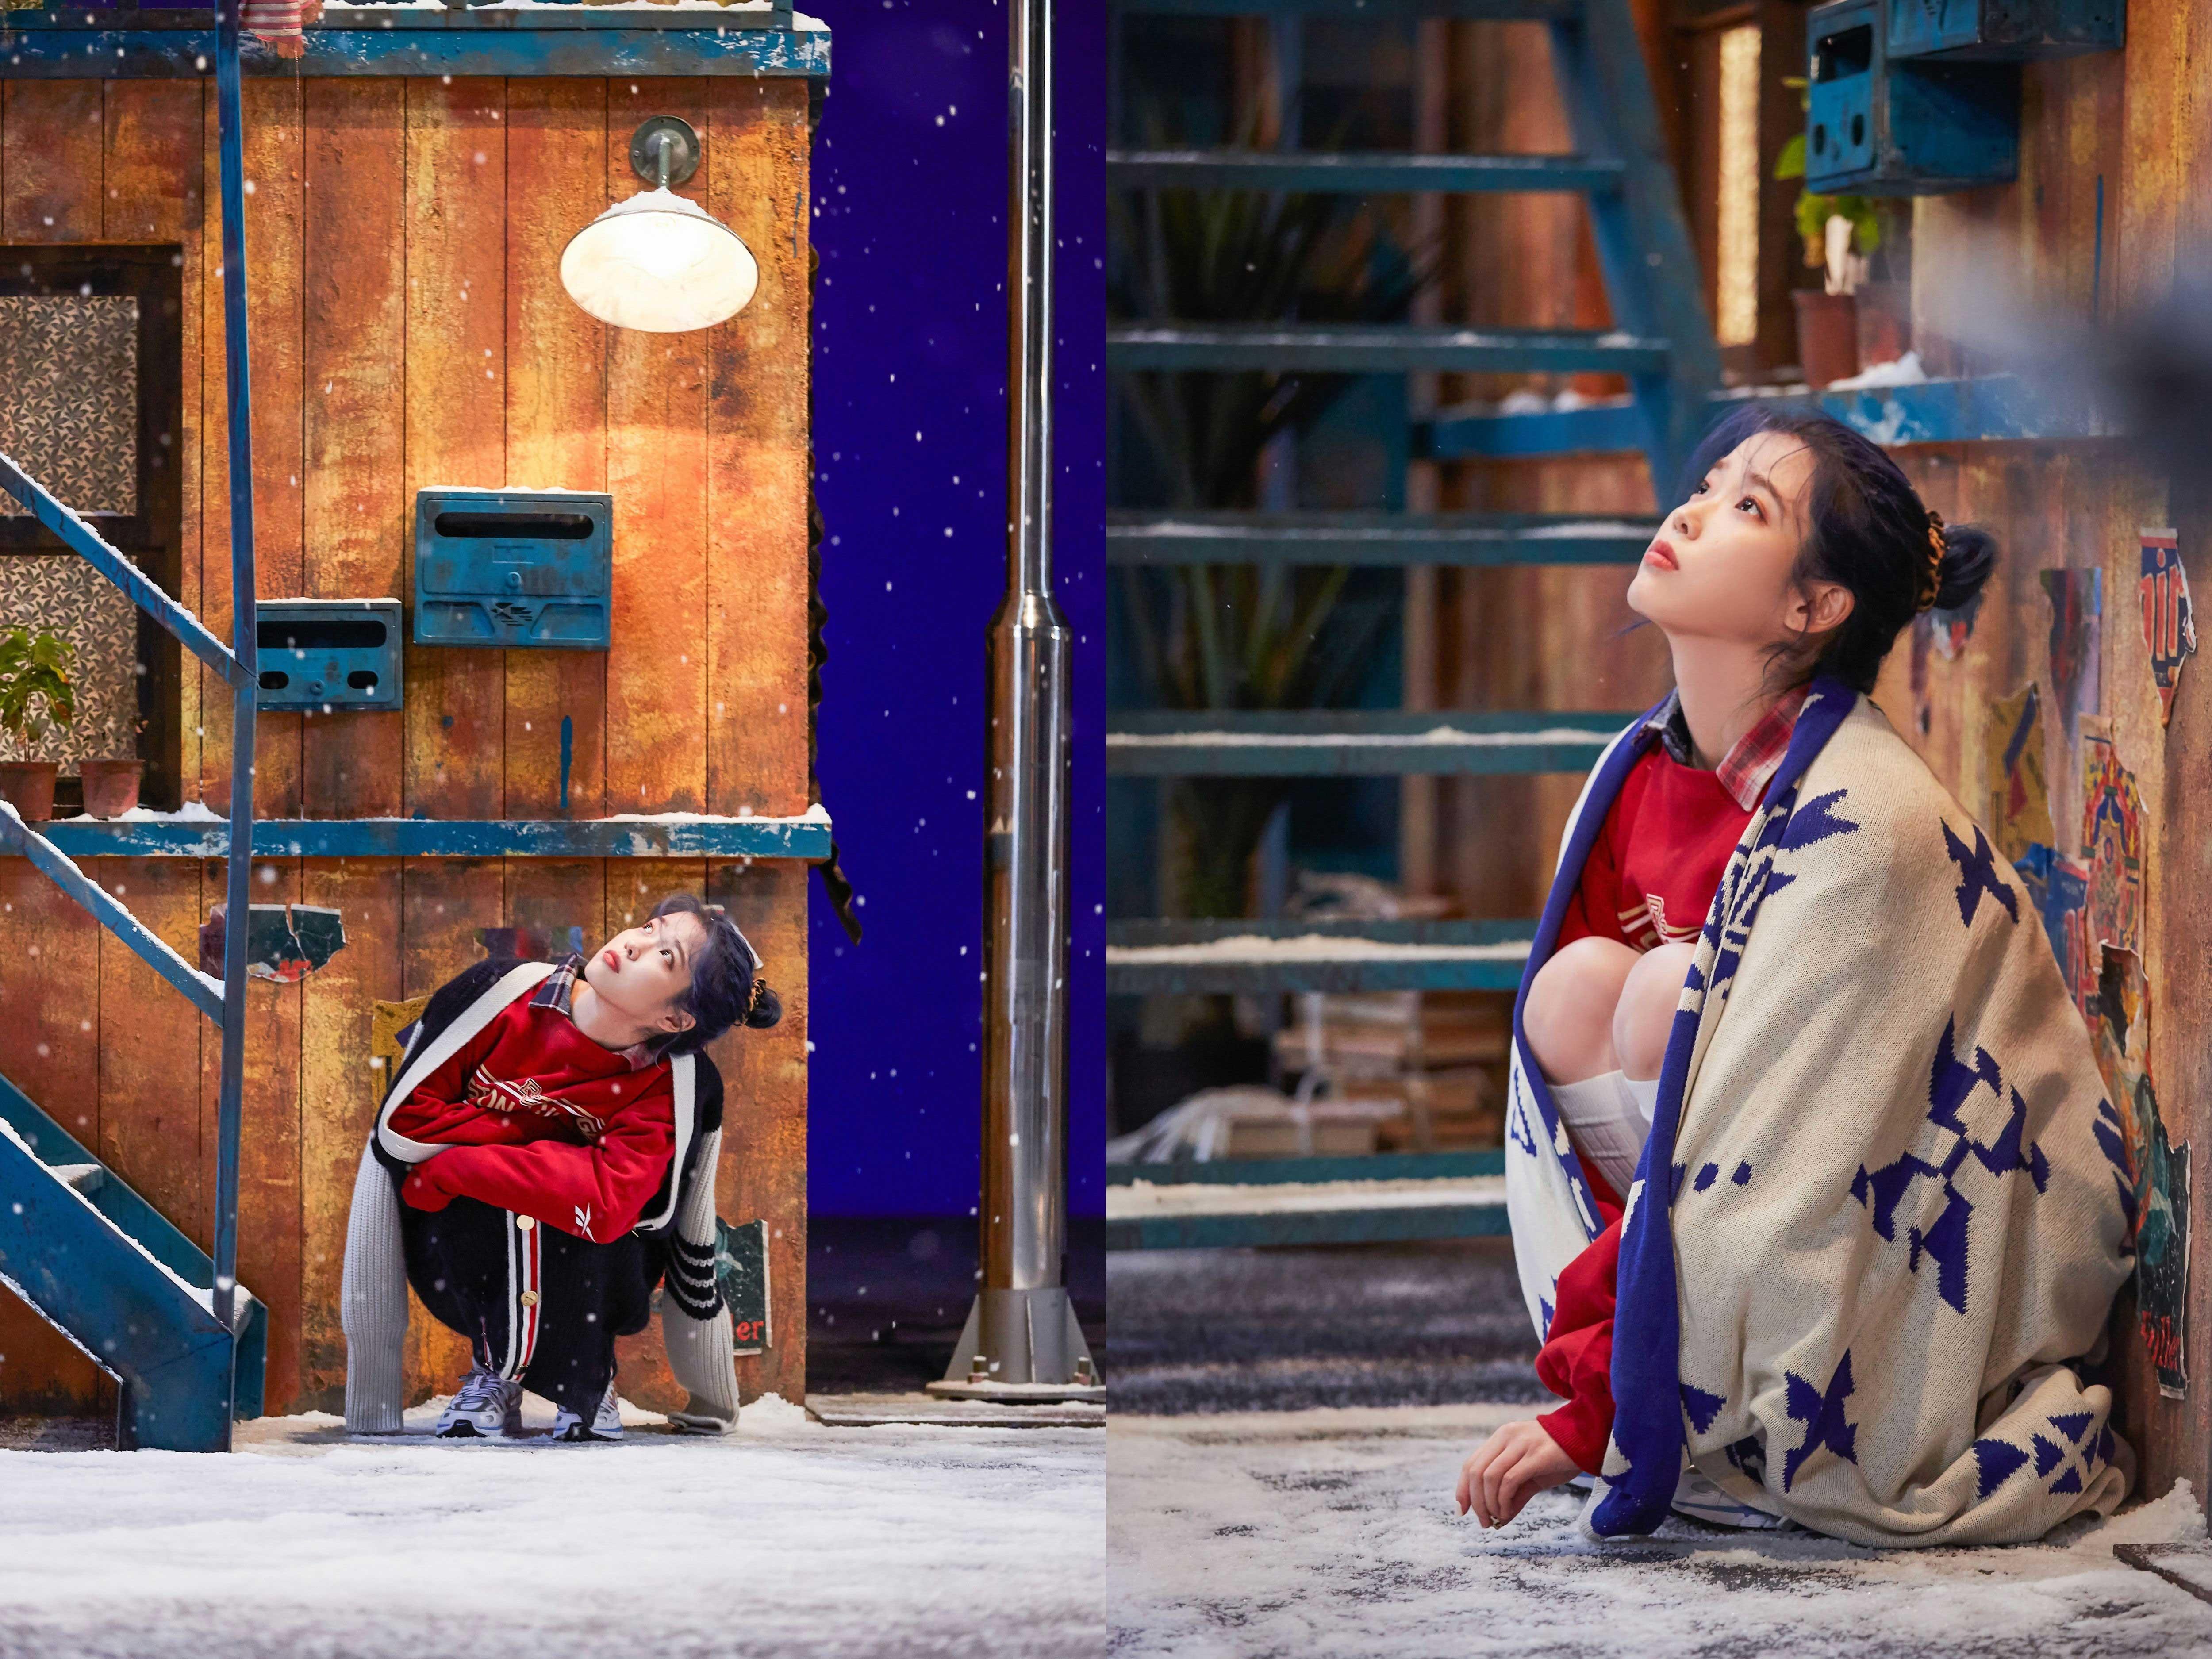 ca sĩ IU mặc áo sweater đỏ trong MV blueming